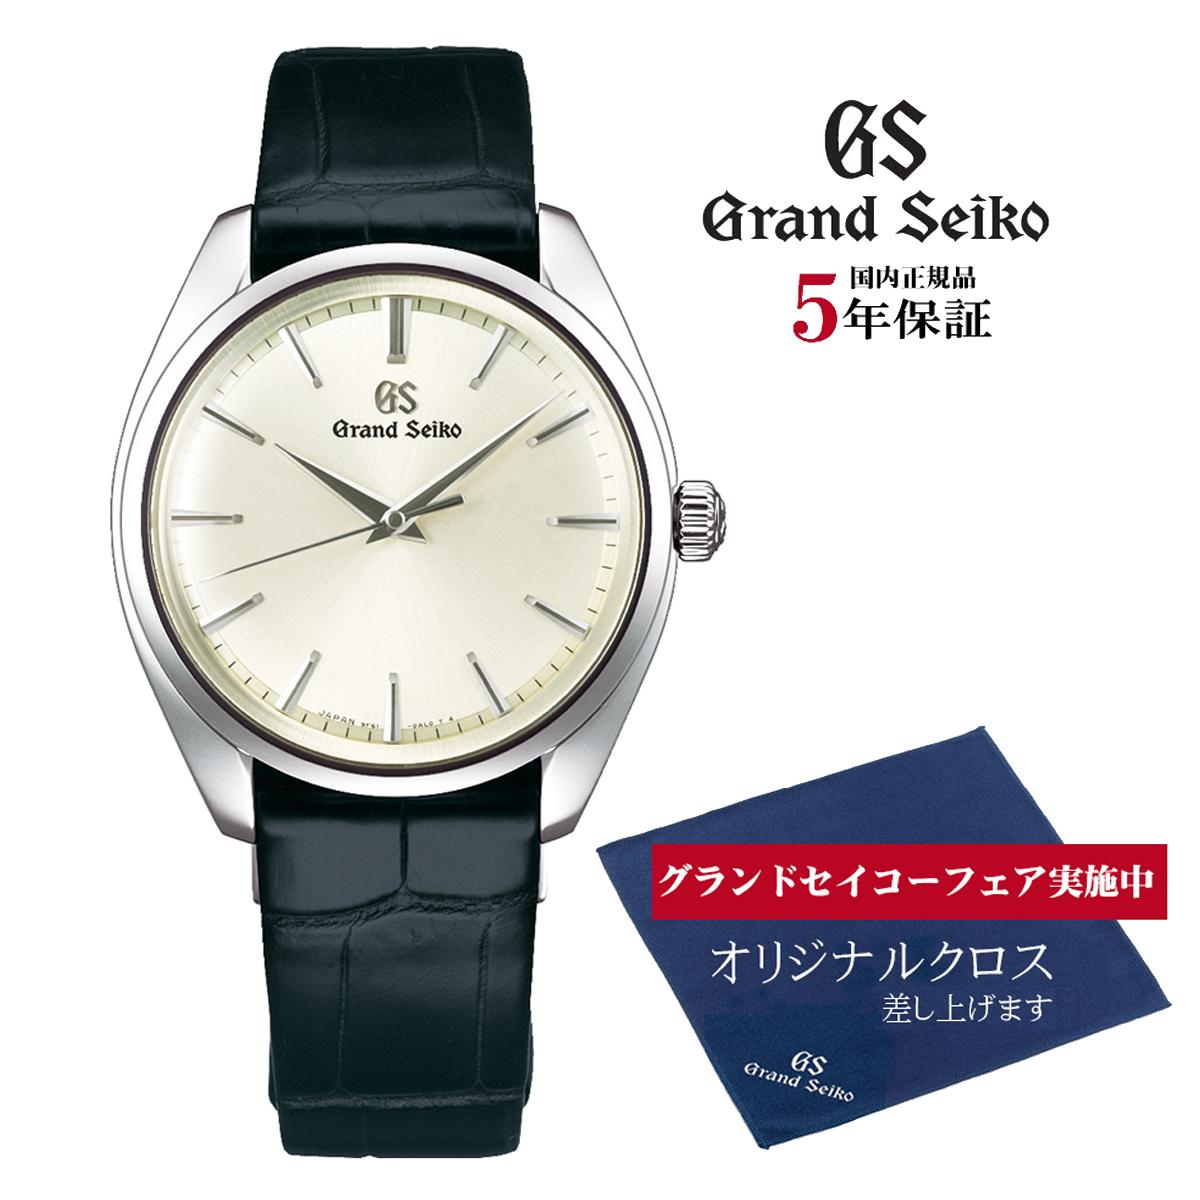 グランドセイコー Grand Seiko 正規メーカー保証3年 SBGX331 9Fクォーツ 正規品 腕時計